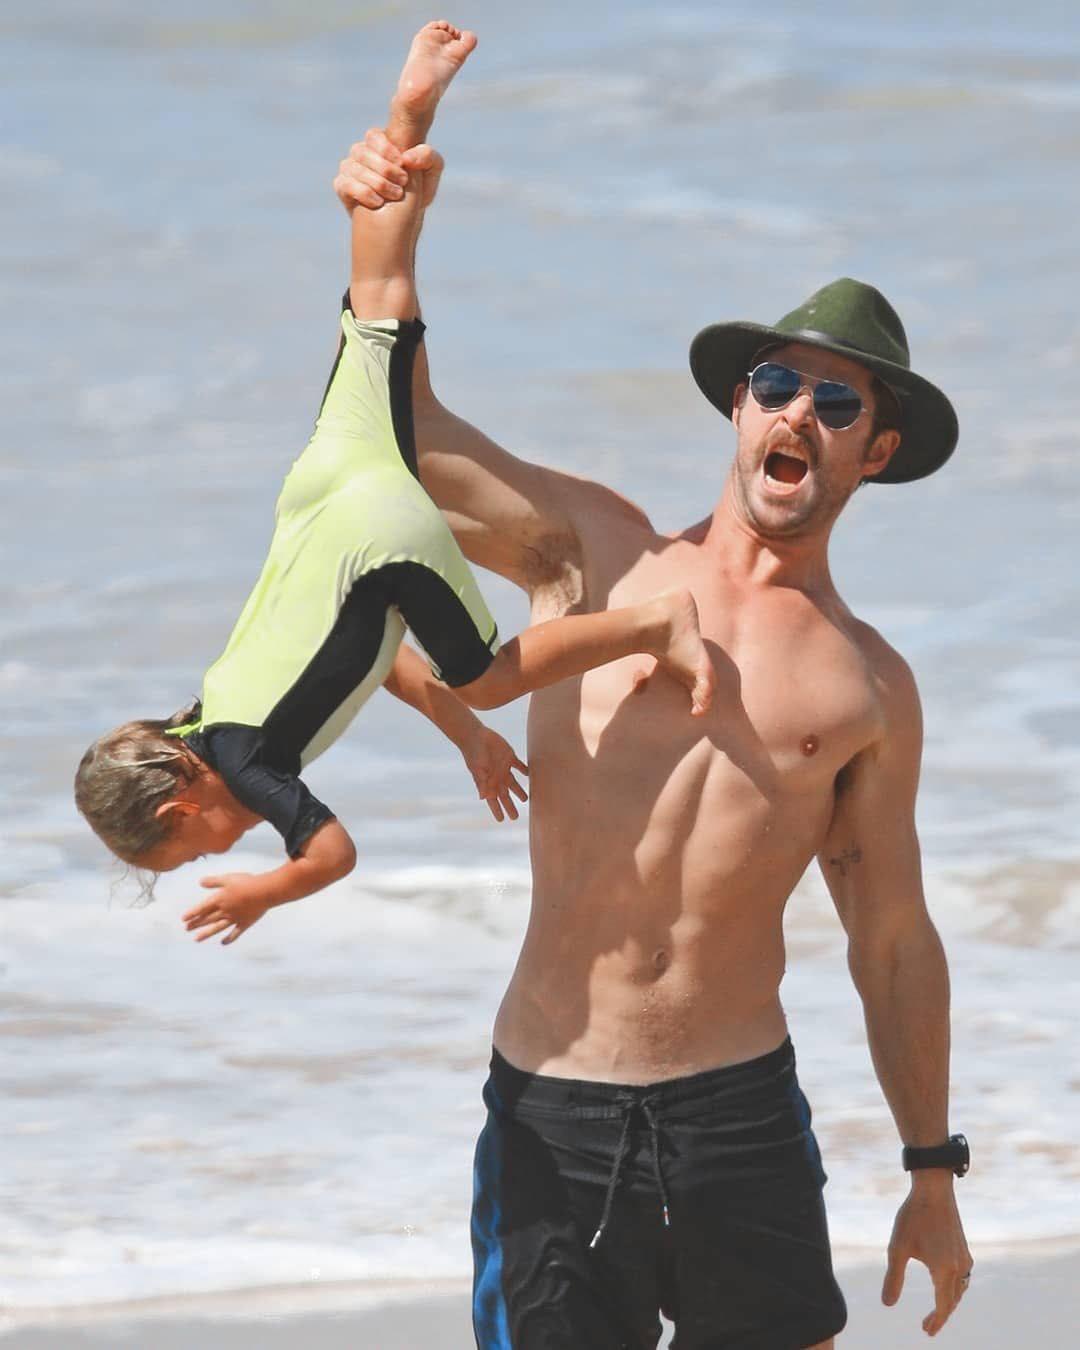 Thái cực đối lập của 2 thánh cơ bắp Hollywood khi chăm con: The Rock hóa bánh bèo, Thor lại cục súc dốc ngược cả con - Ảnh 12.